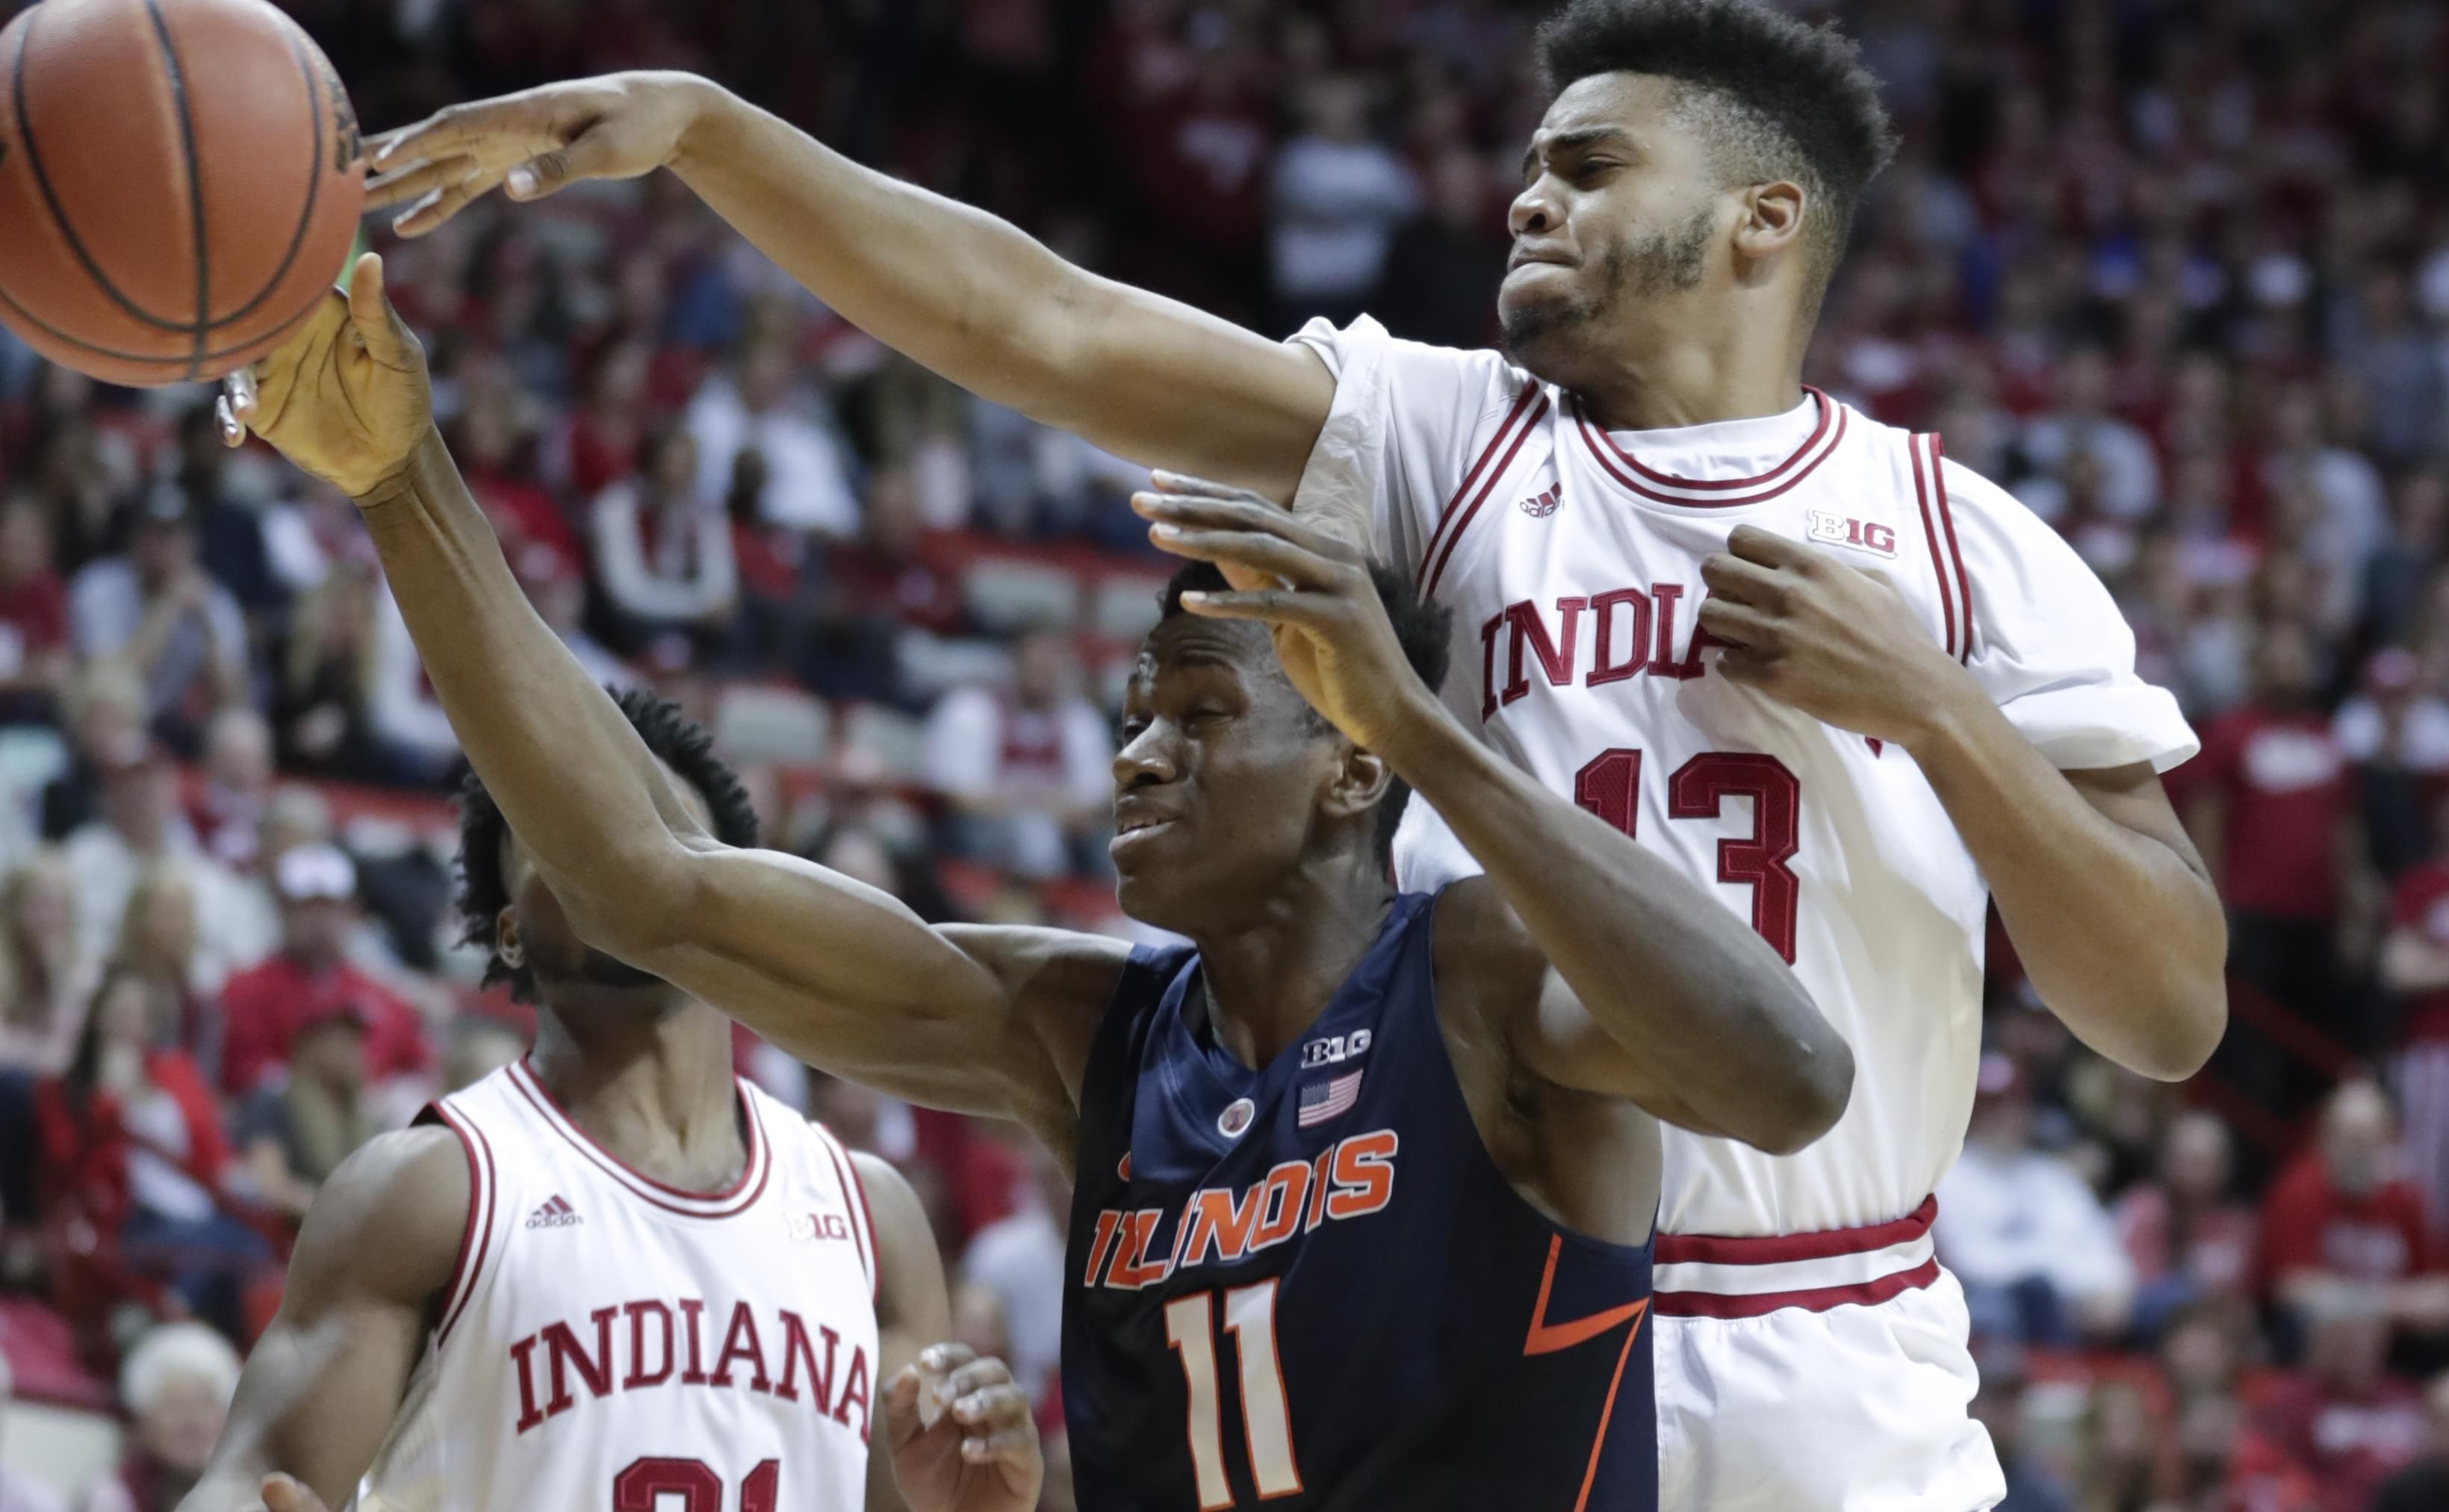 Indiana forward Juwan Morgan blocks the shot of Illinois forward Greg Eboigbodin.